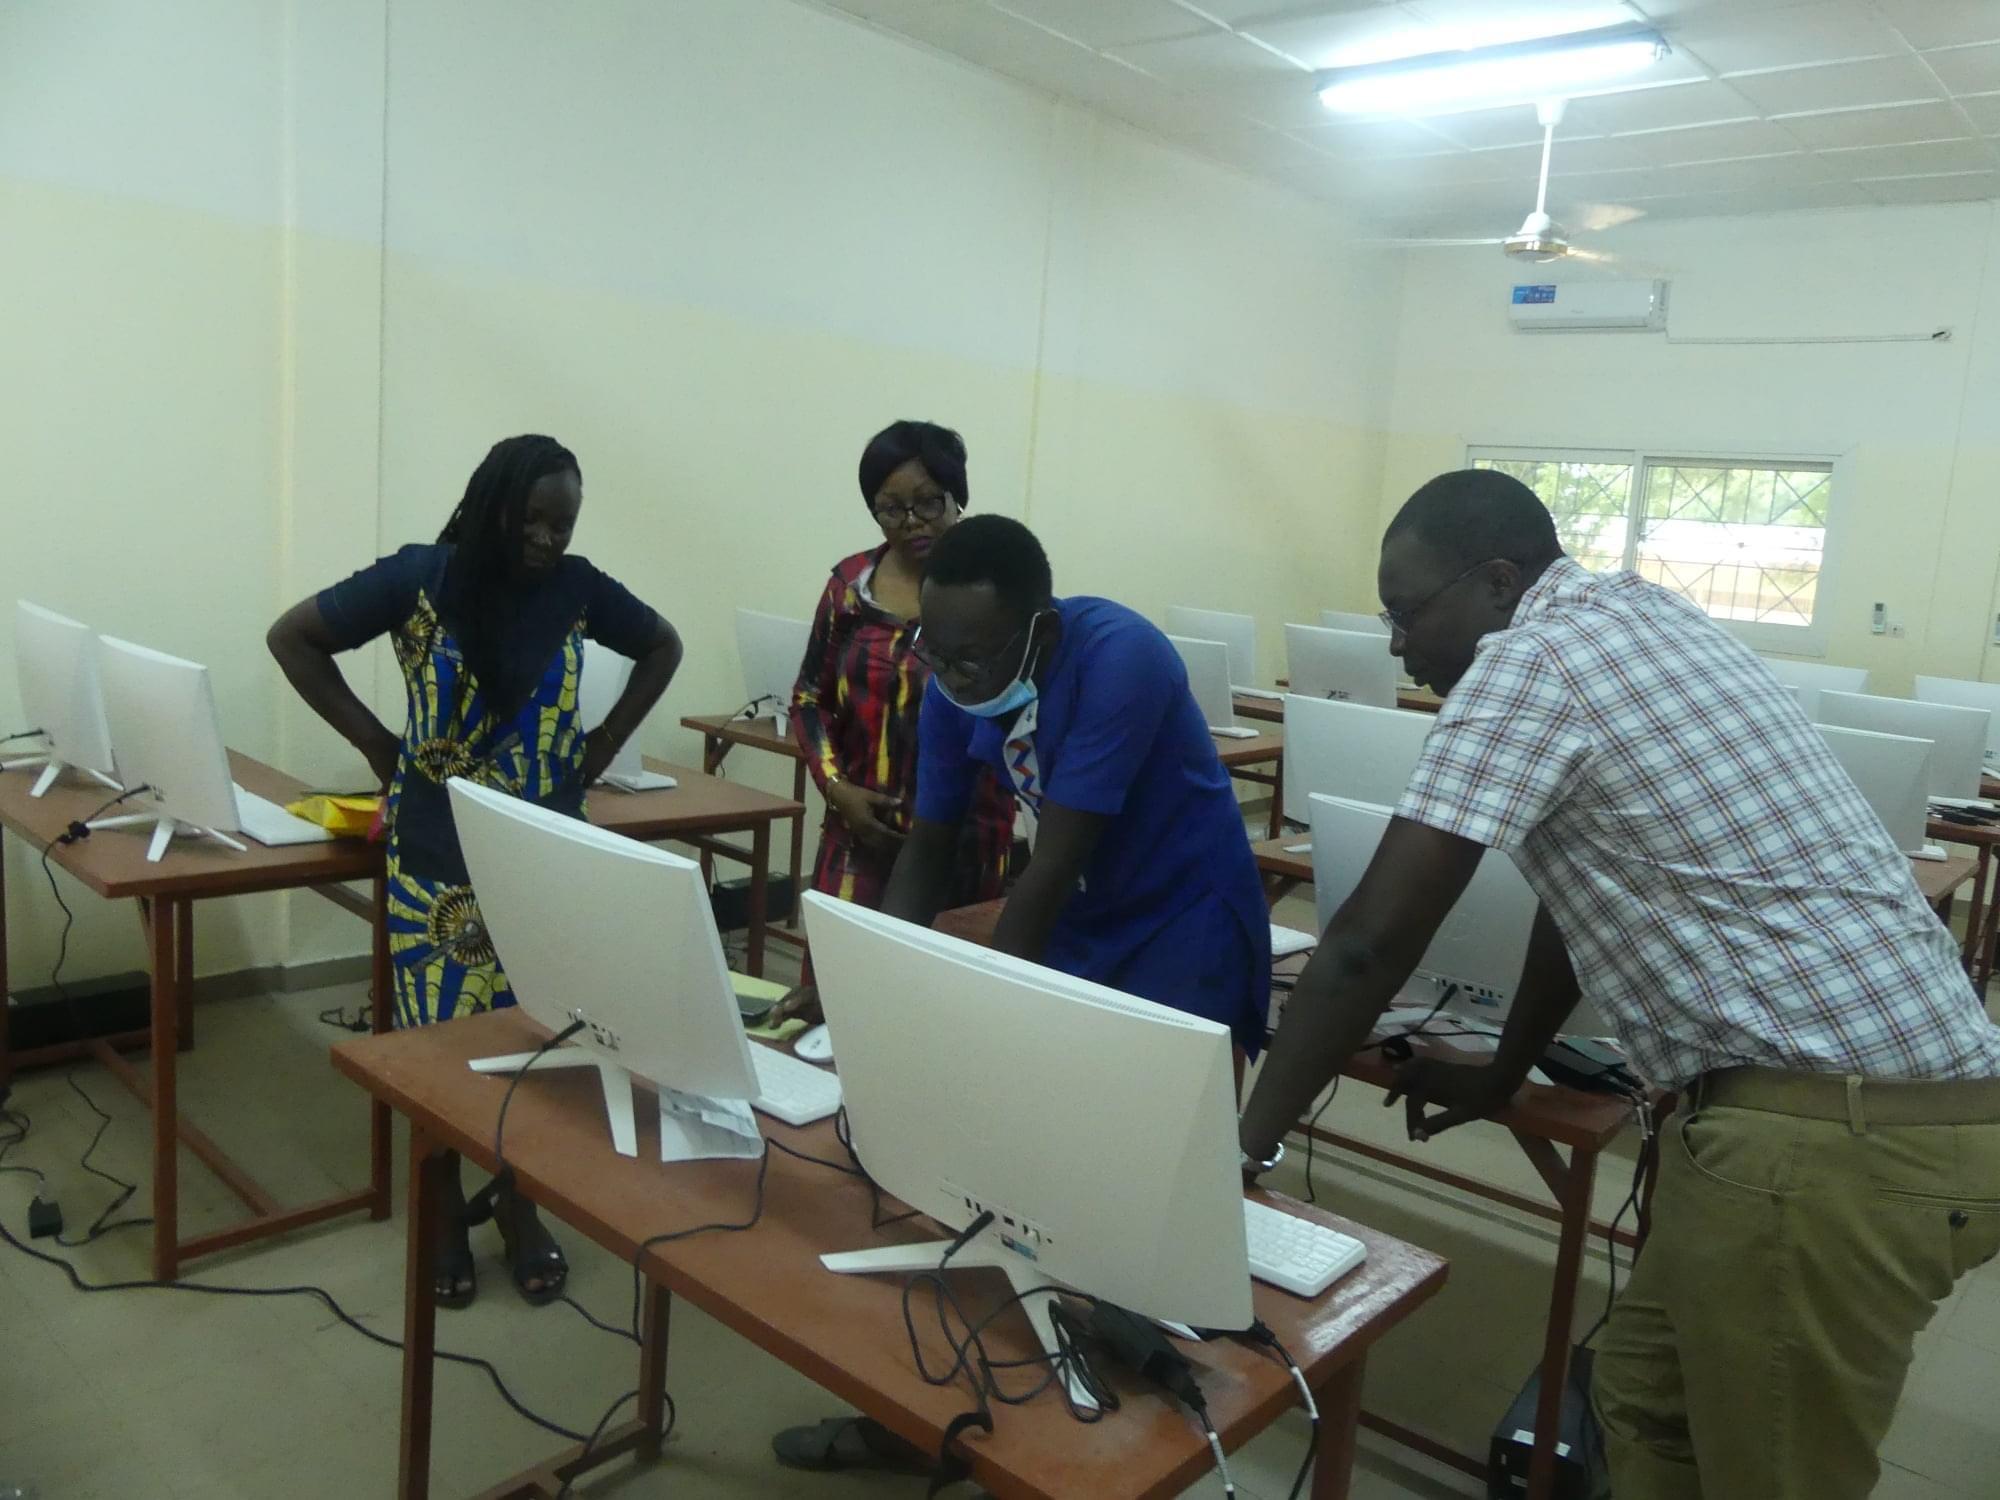 Il digitale a servizio della didattica presso la Facoltà di Medicina a Le Bon Samaritain